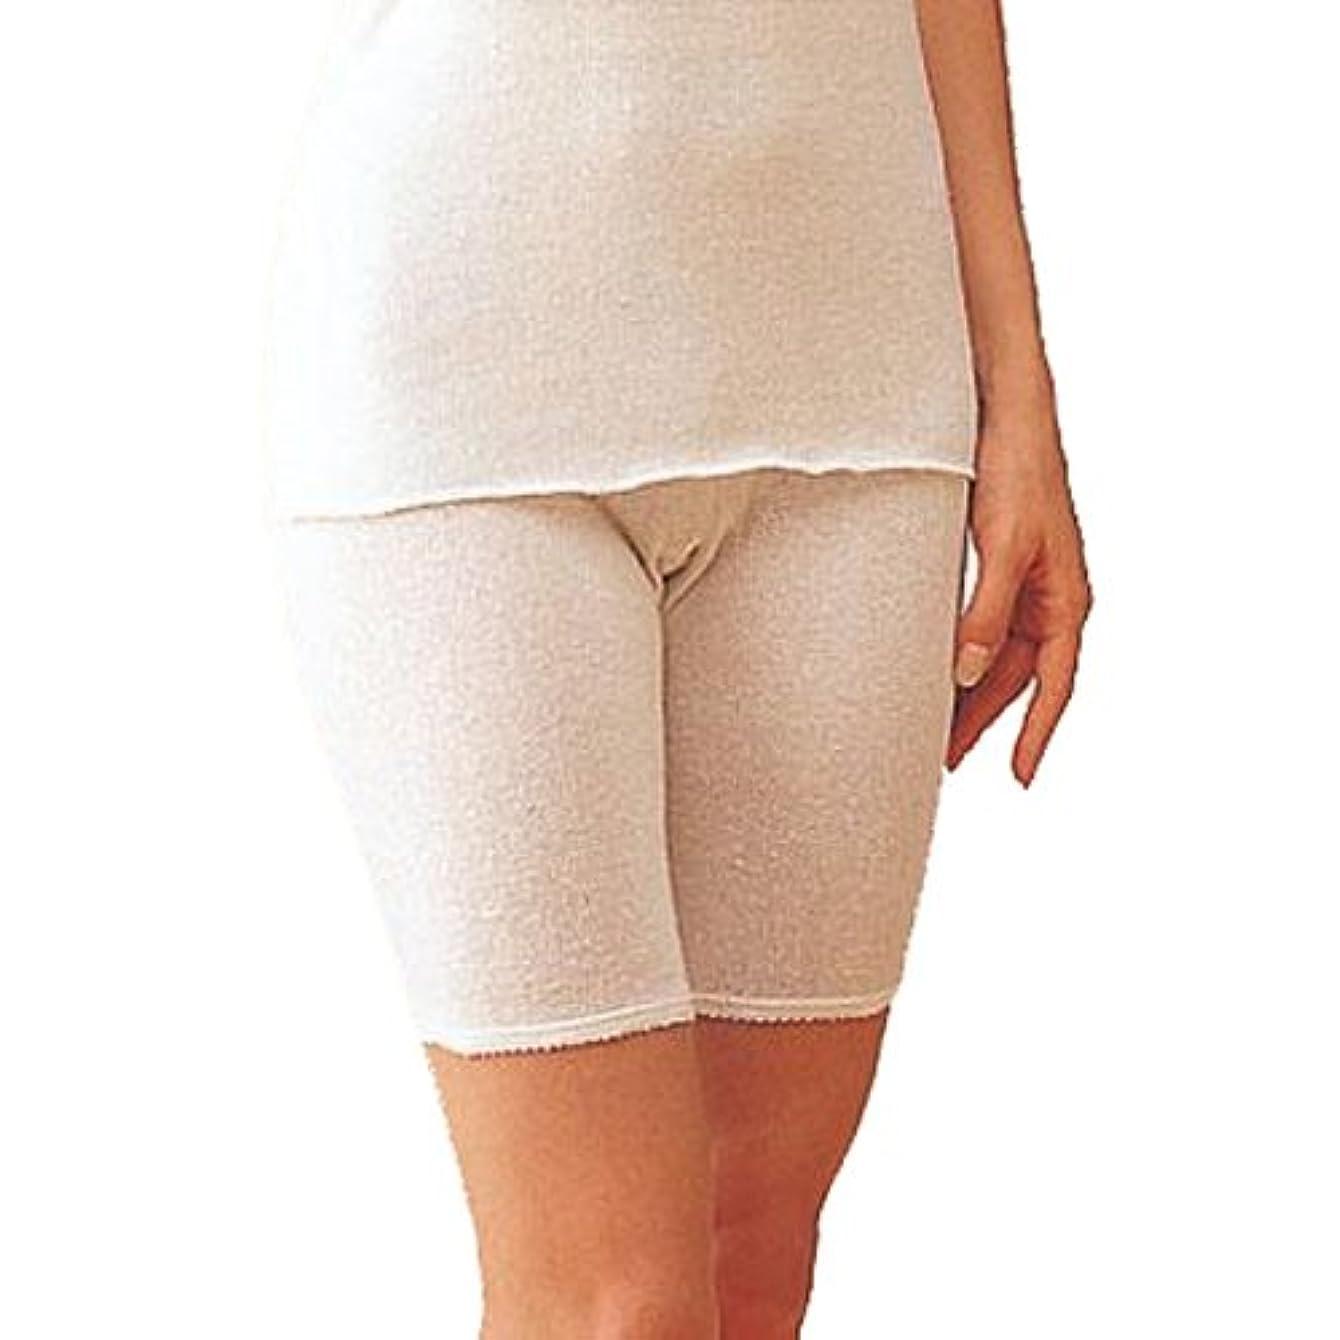 壮大なゲスト抵当コベス シルクノイル婦人5分丈パンツ L×2枚 ST716 ピンク